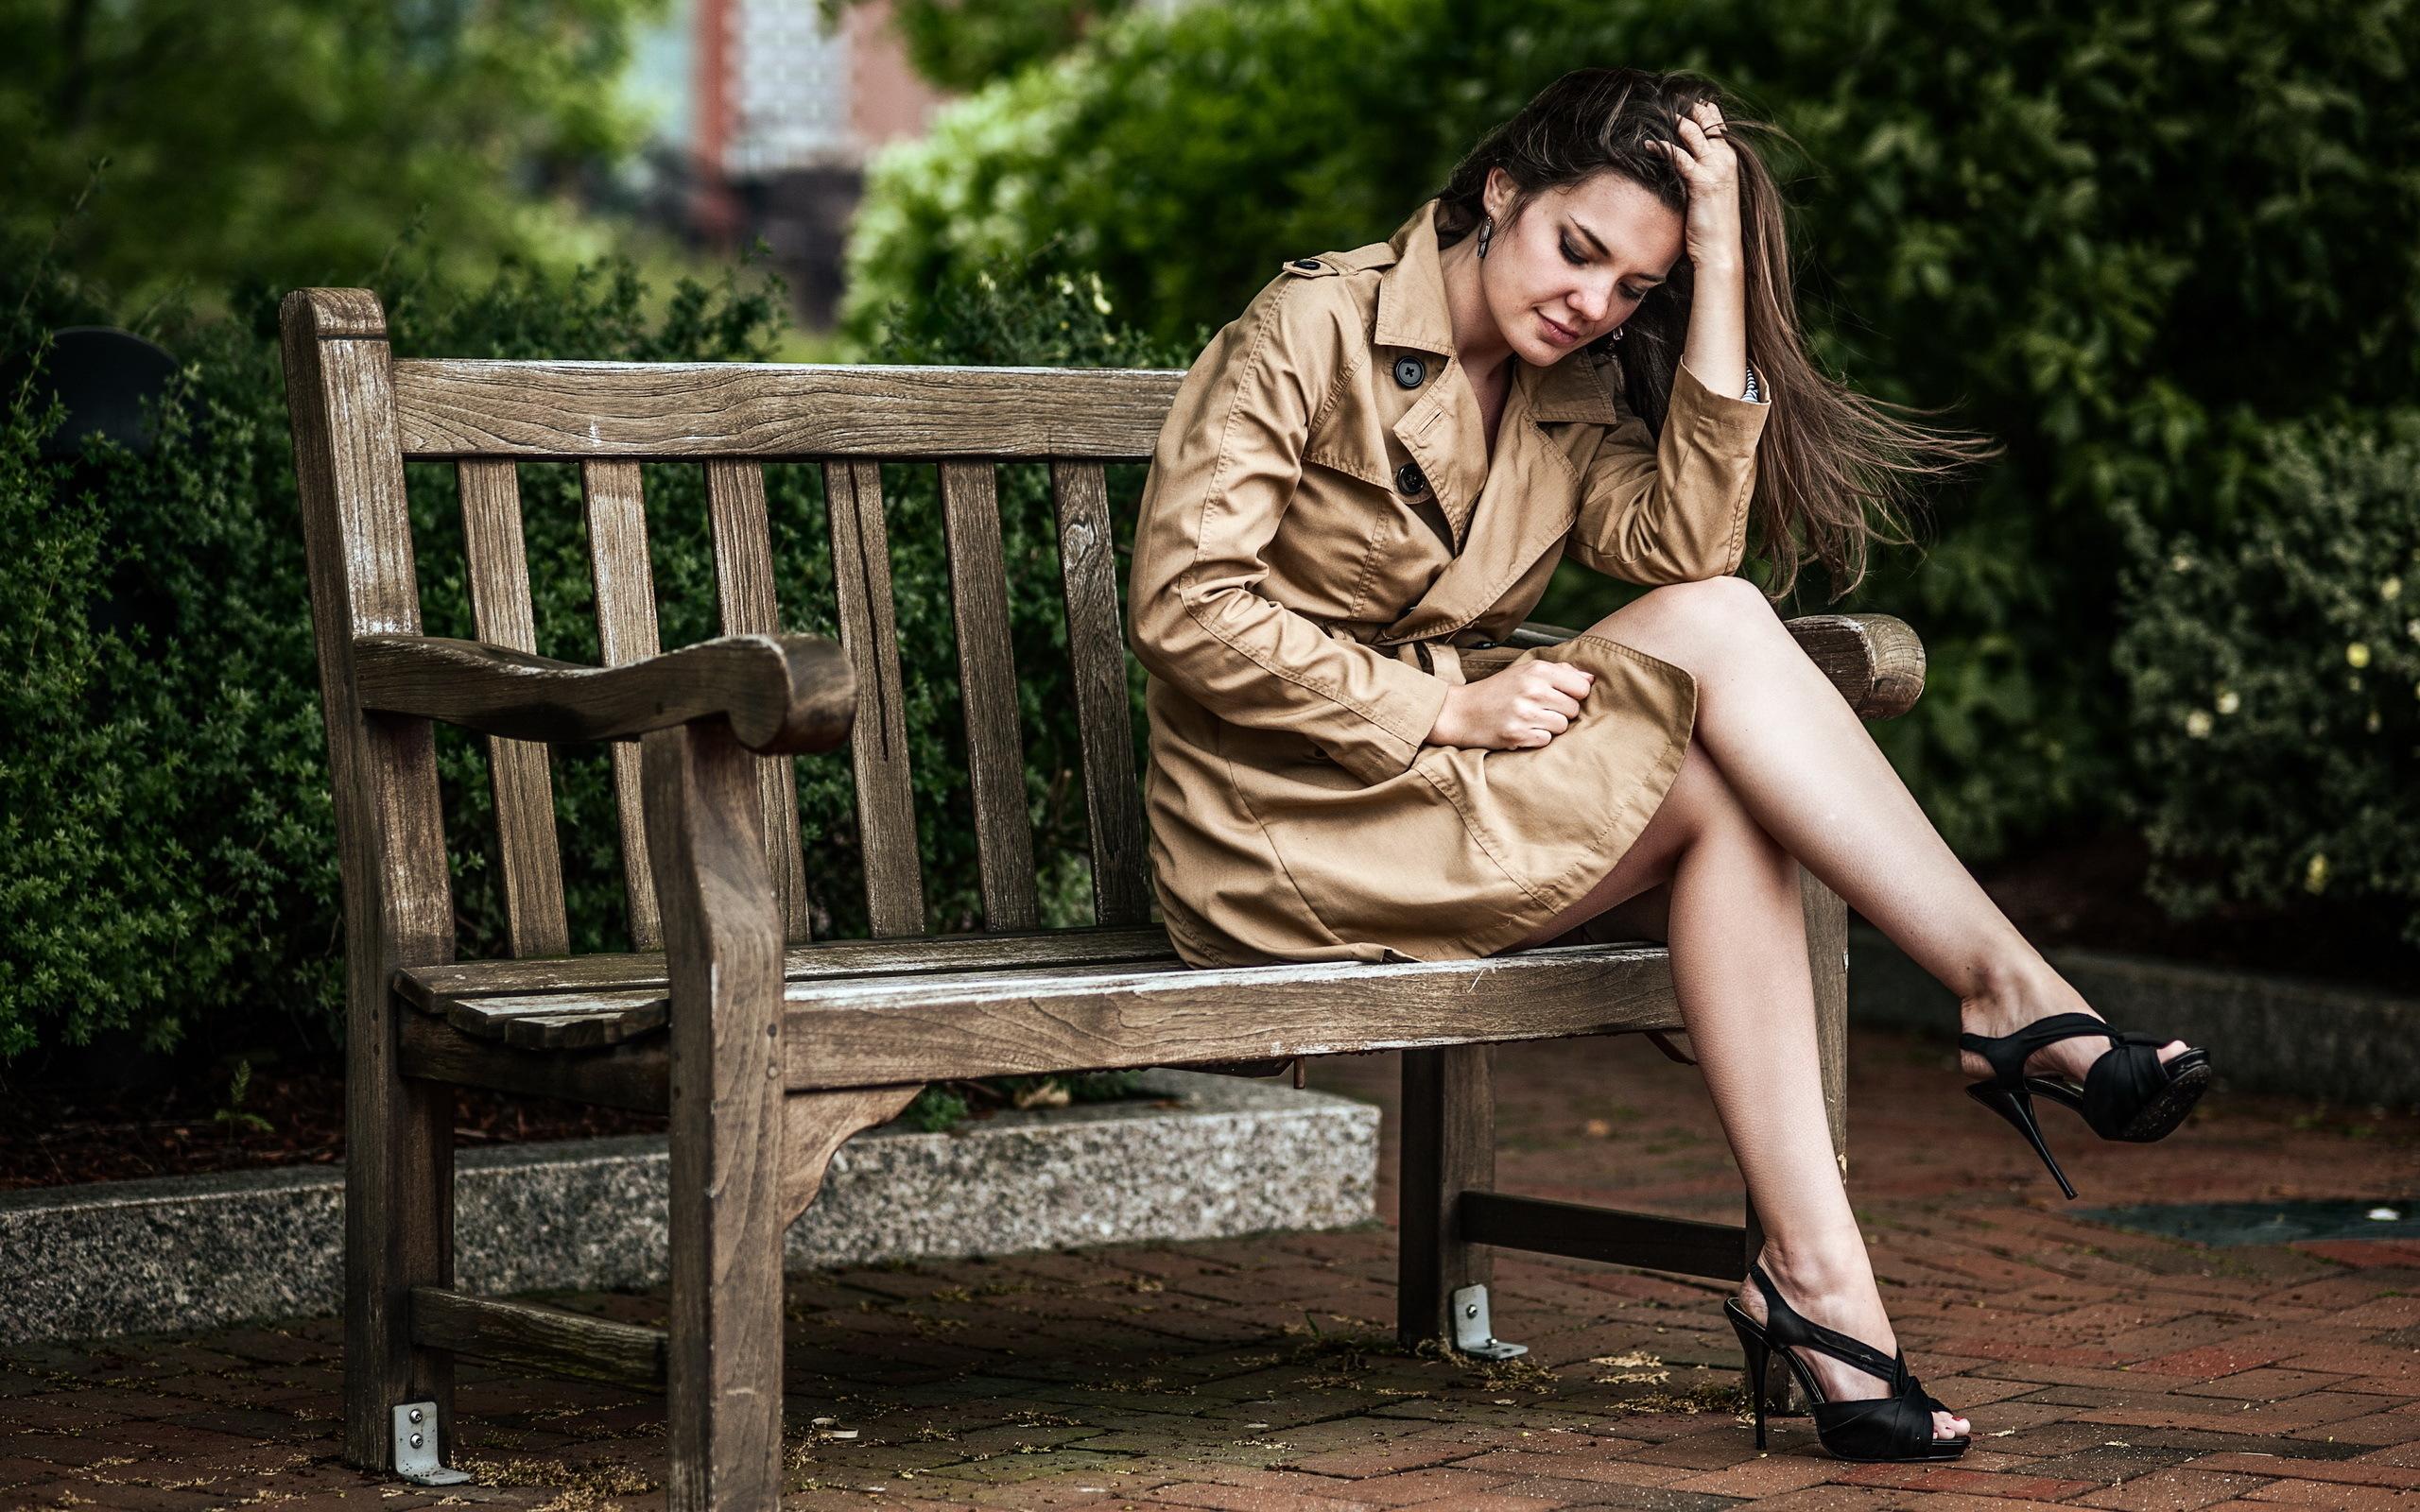 Фото девушек в парке на скамейке 11 фотография